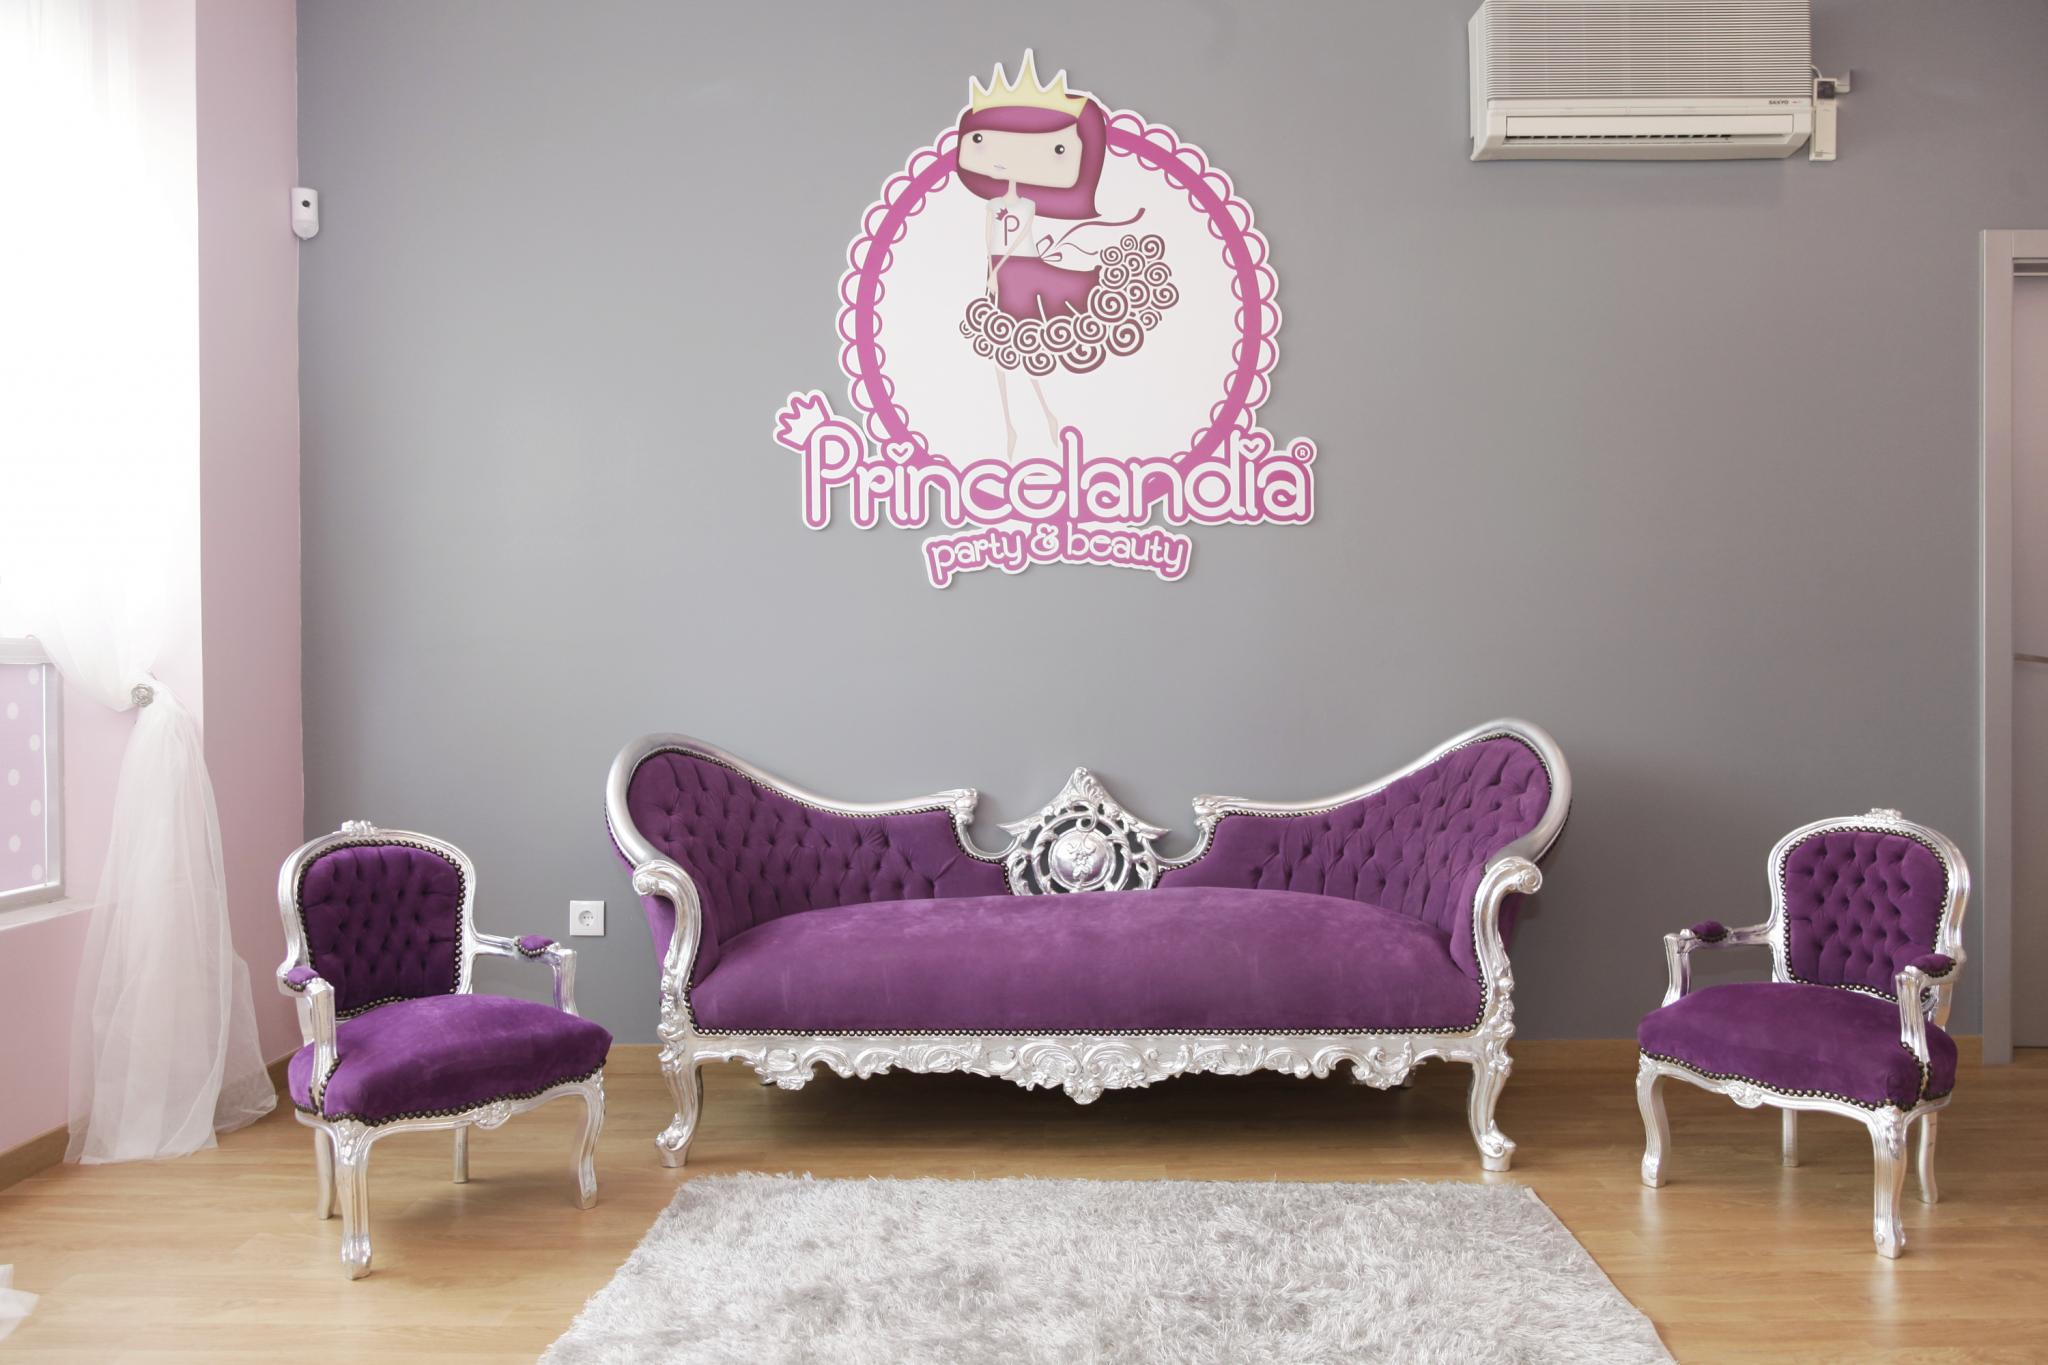 Princelandia Lisboa_recep